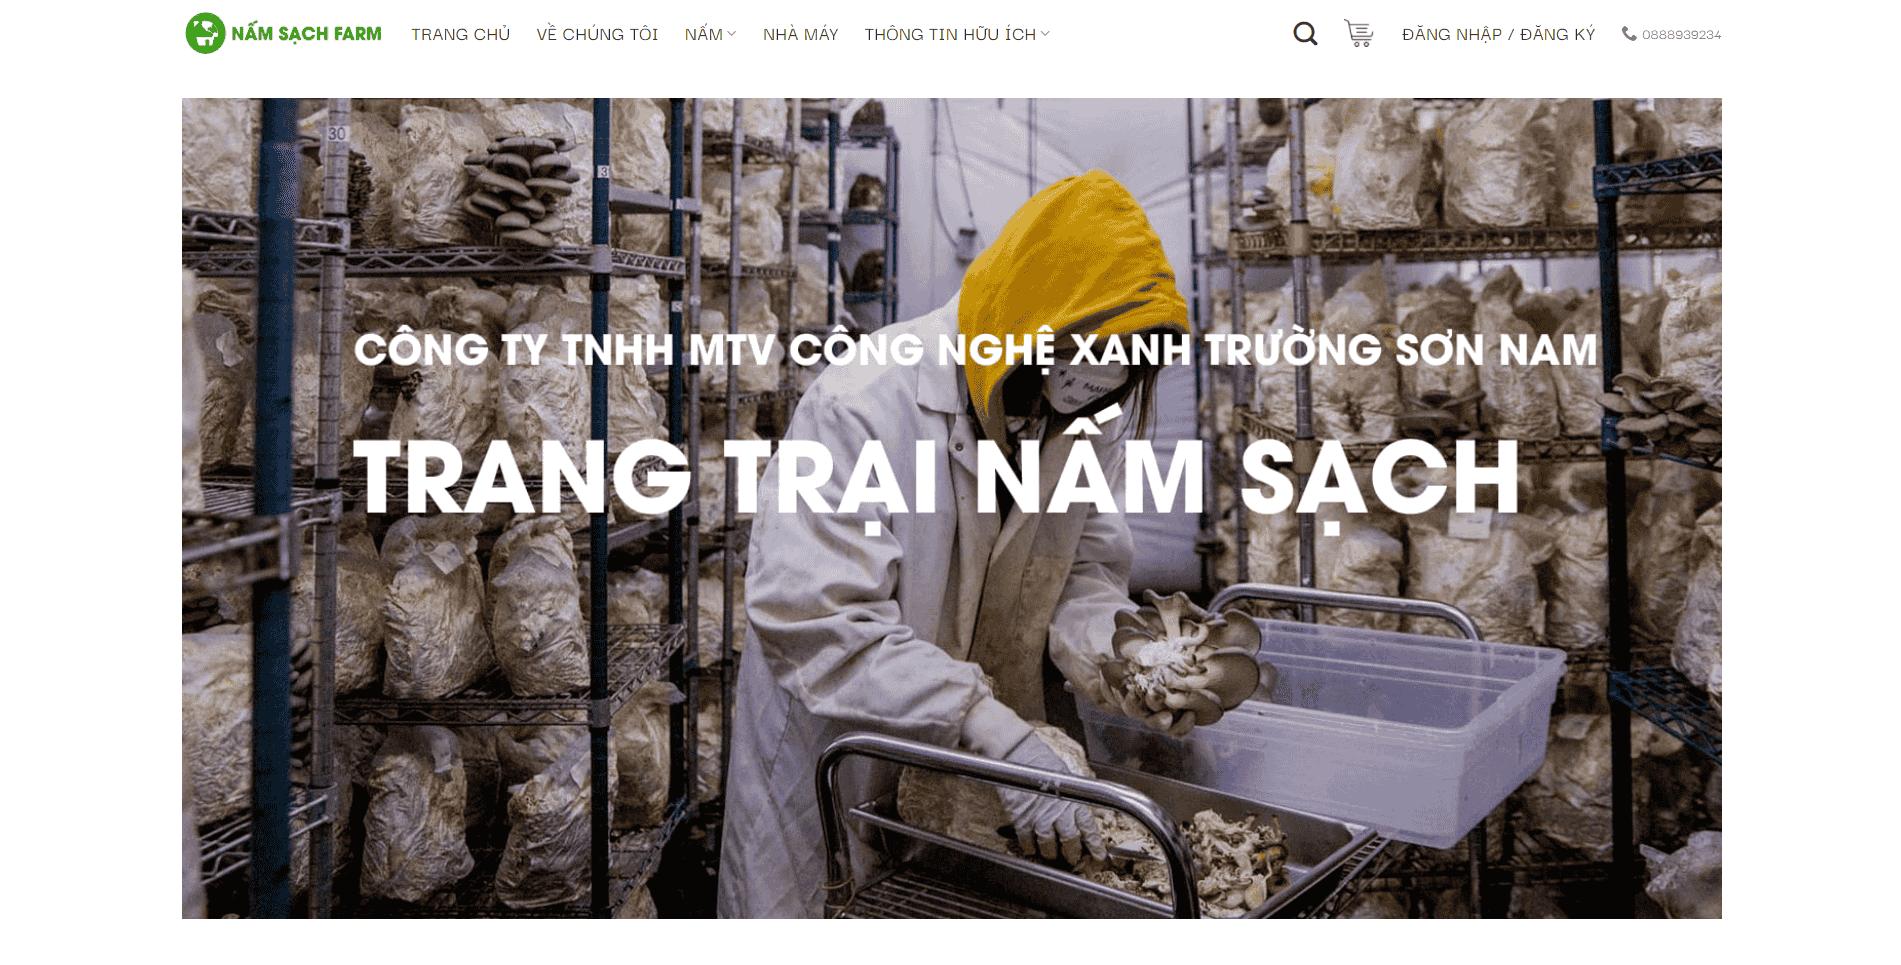 Giao diện Website Nông trại Nấm